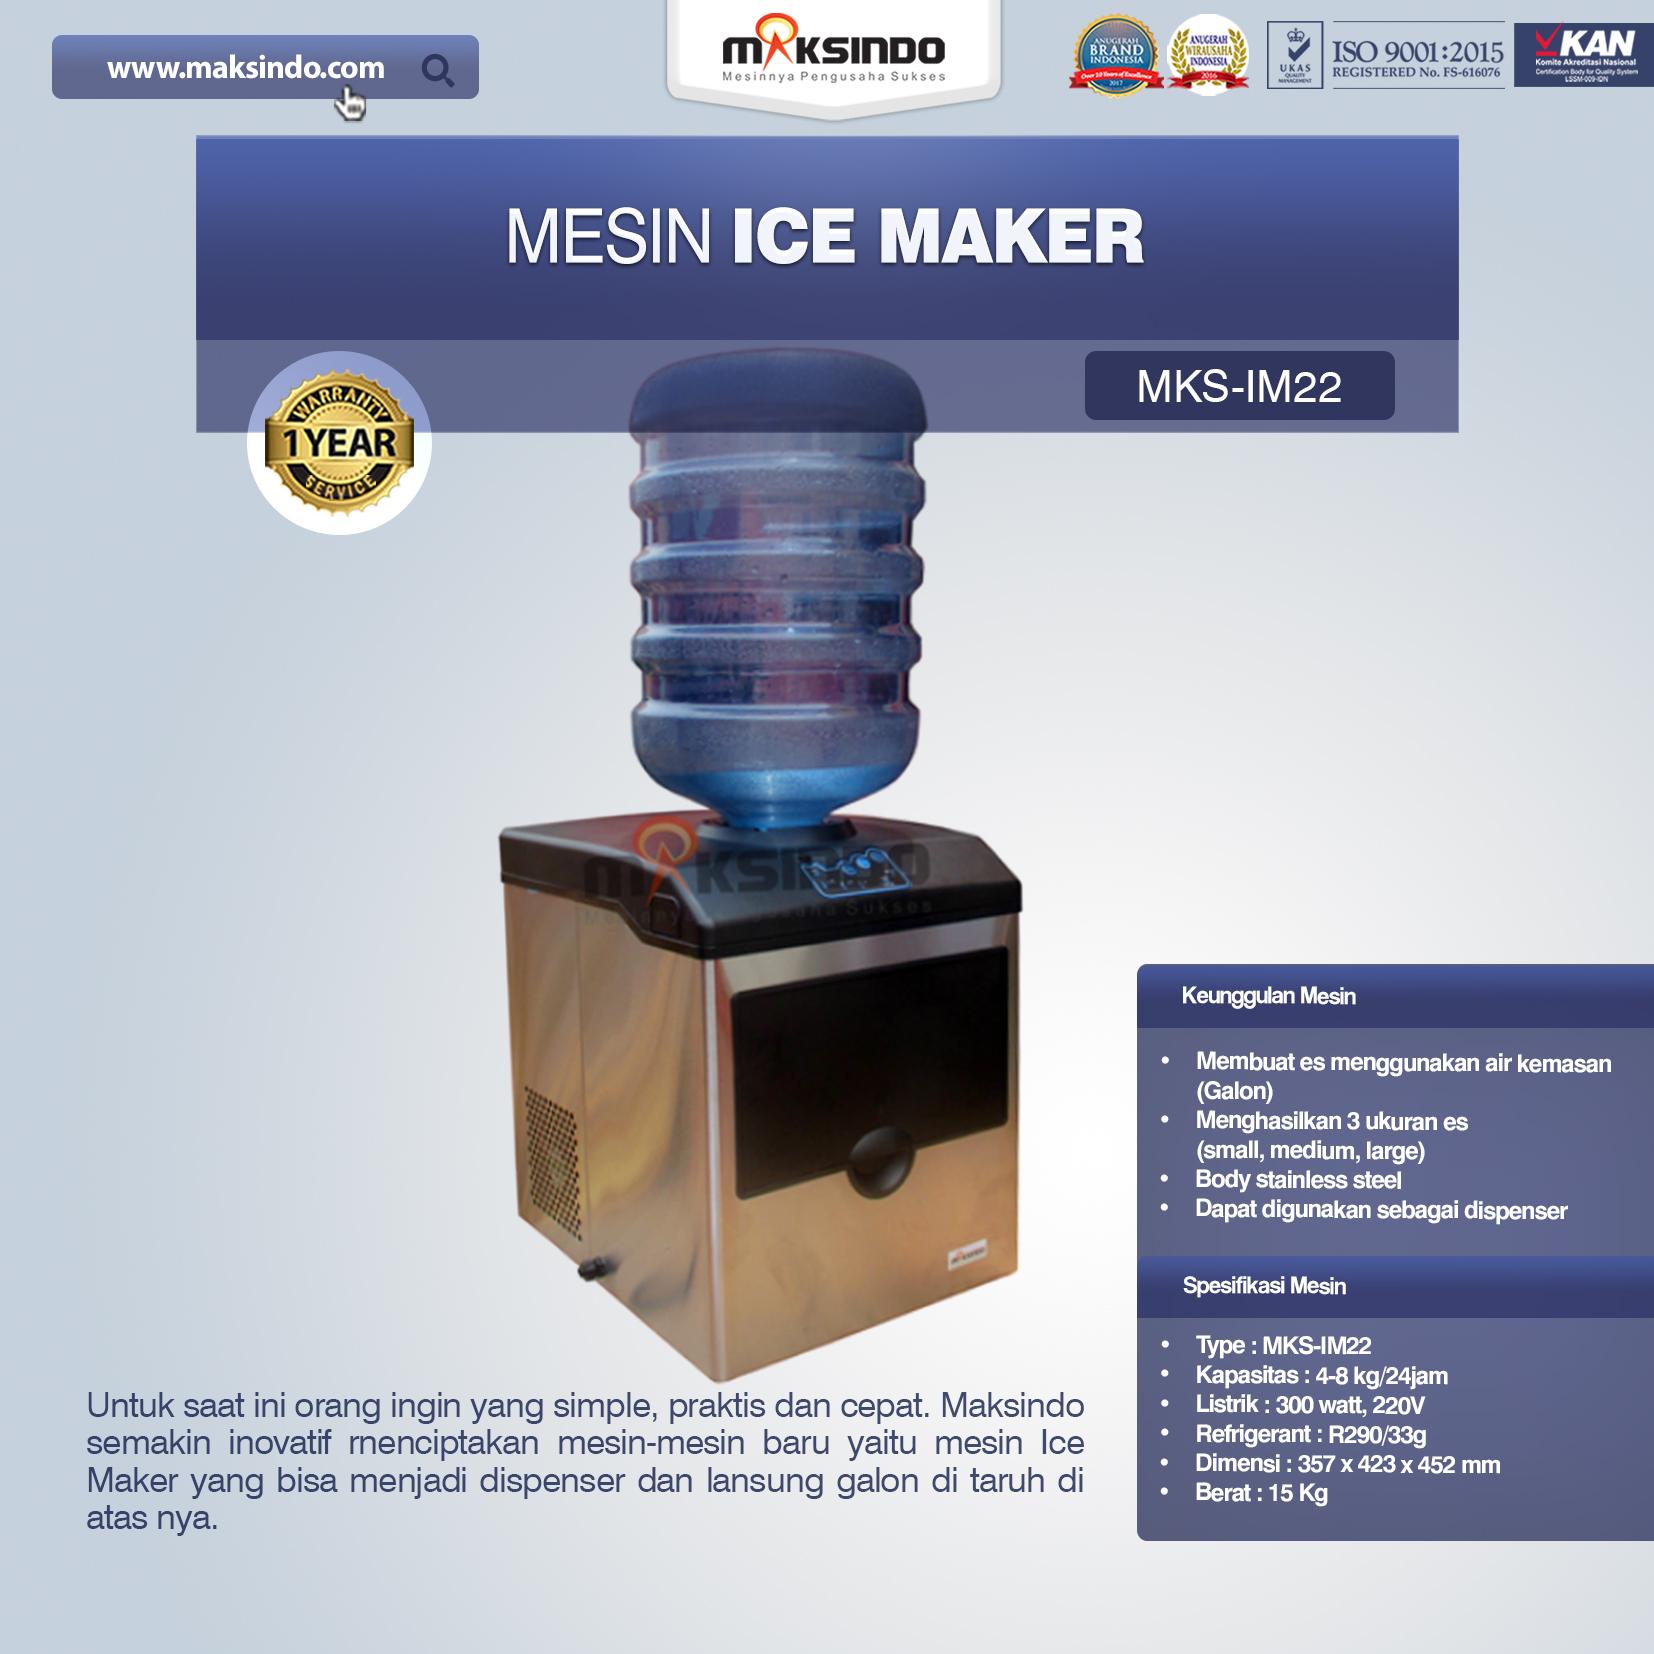 Jual Mesin Ice Maker MKS-IM22 di Jakarta